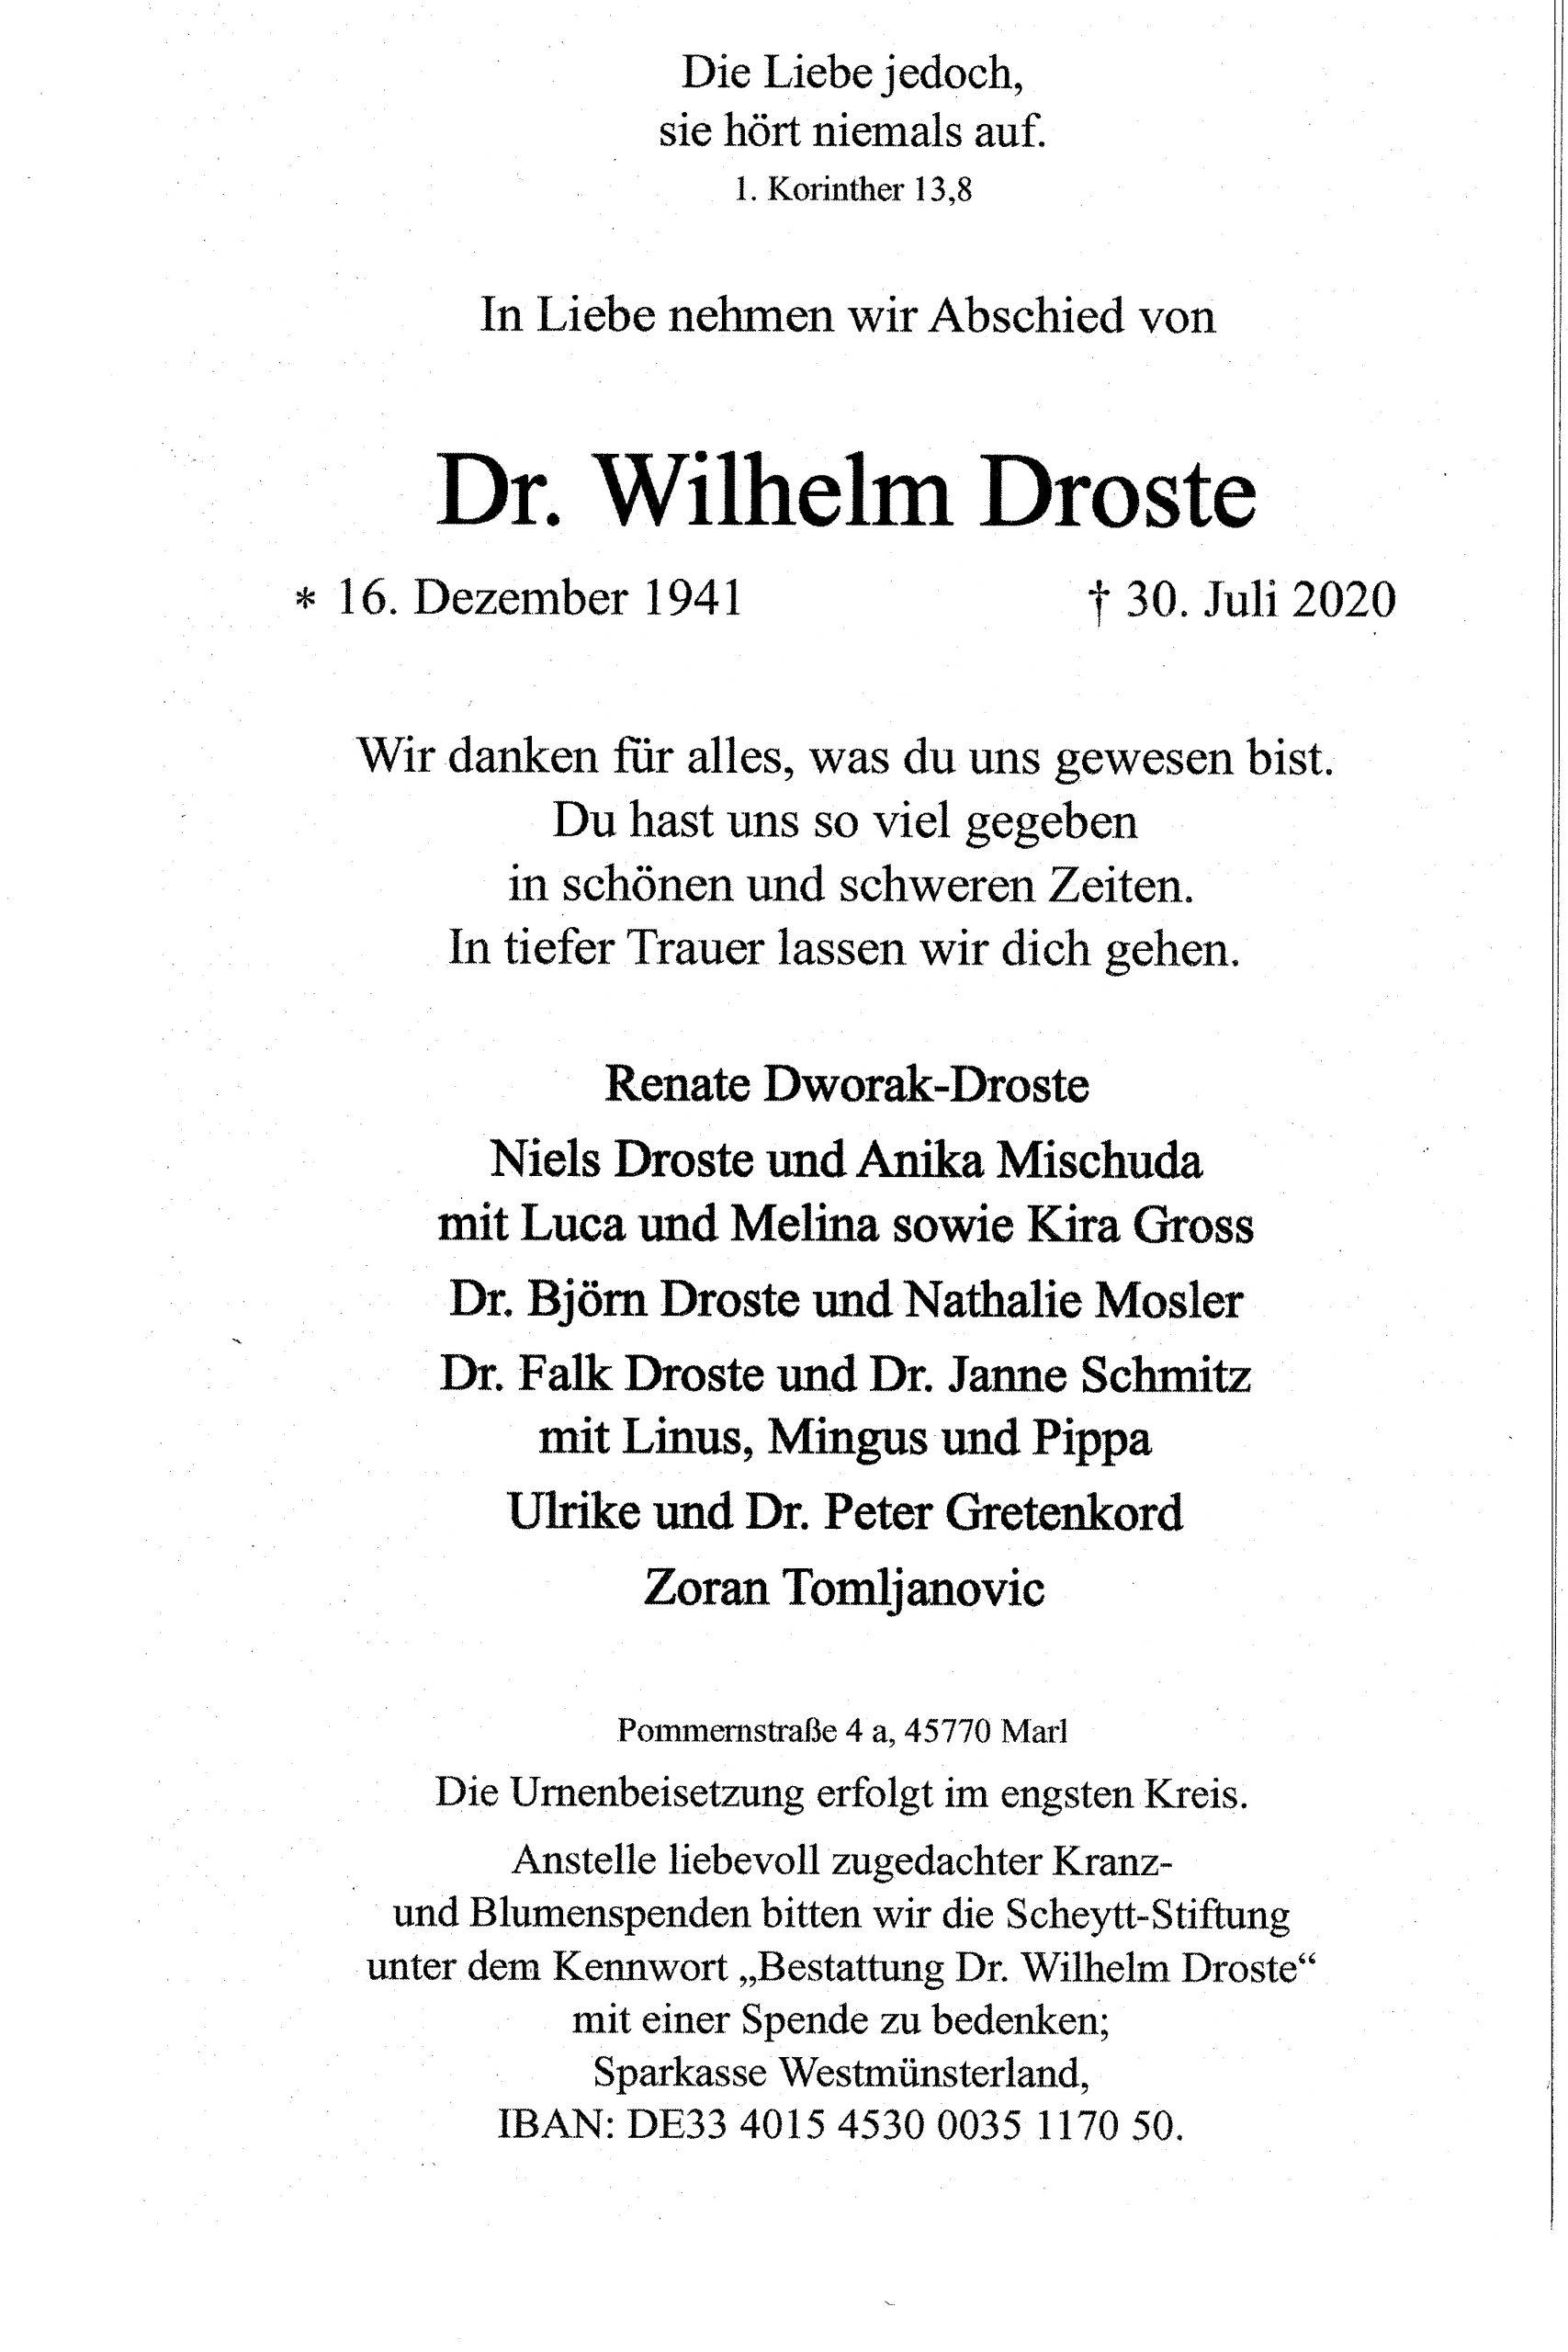 Wir trauern um unser Mitglied Dr. Wilhelm Droste